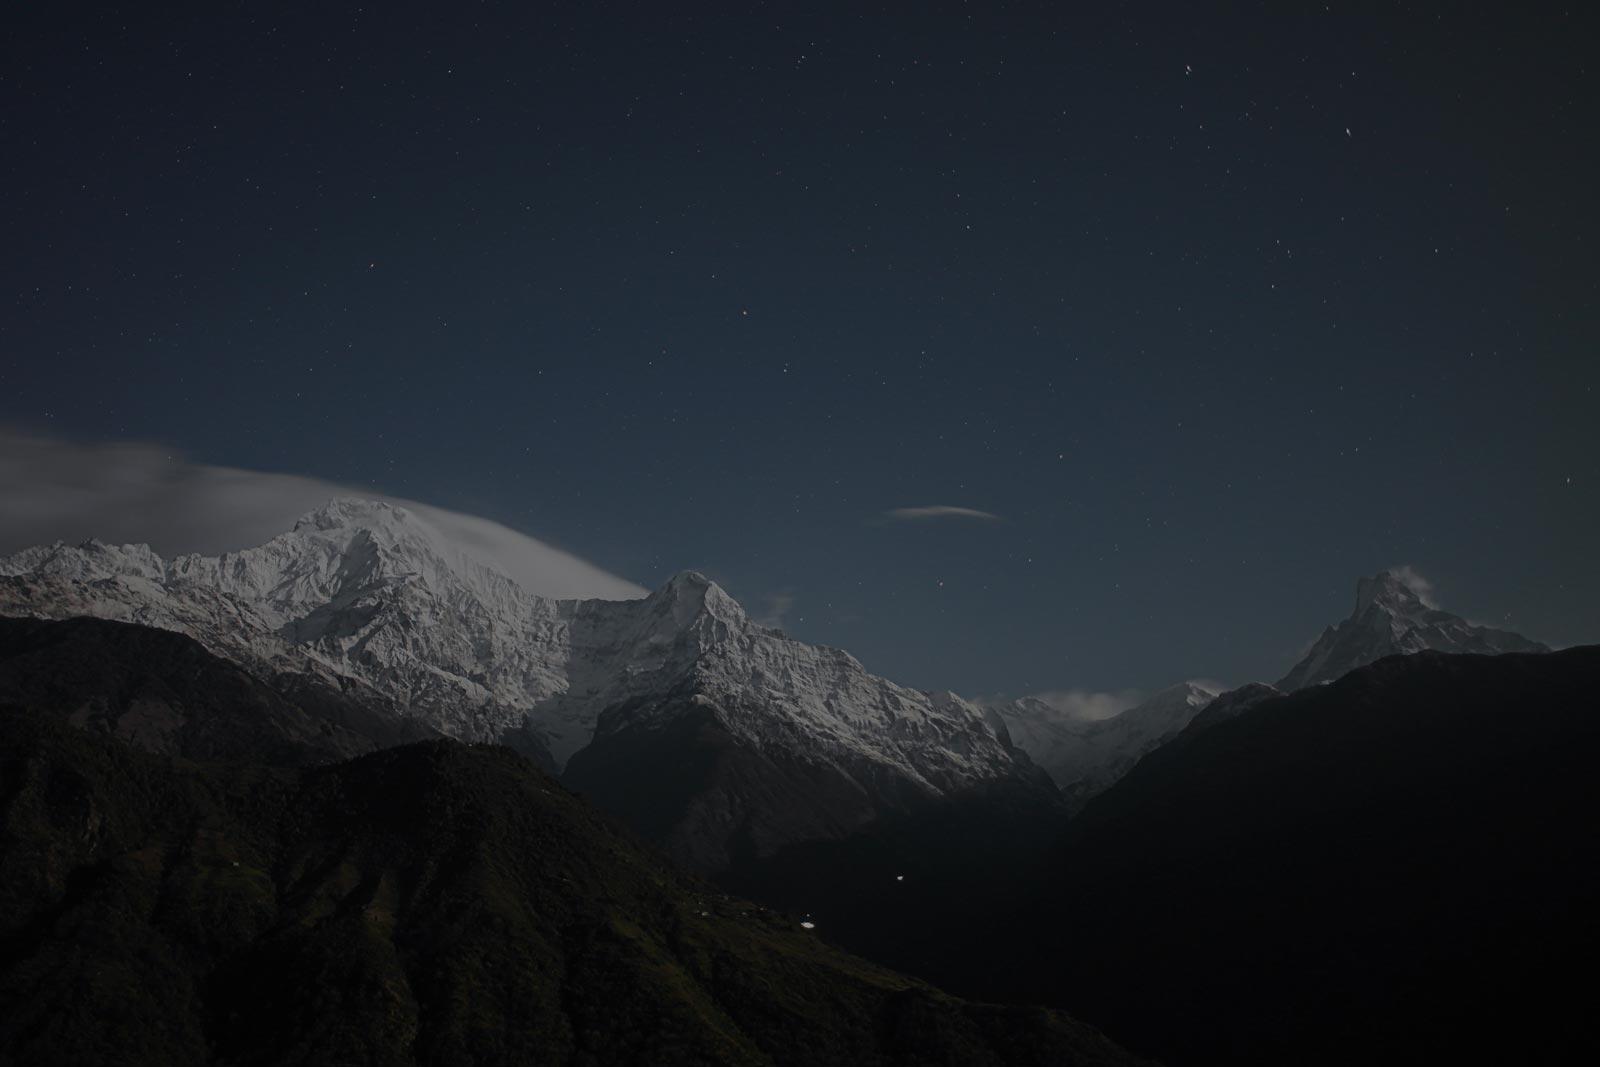 snow-mountains-sky-night